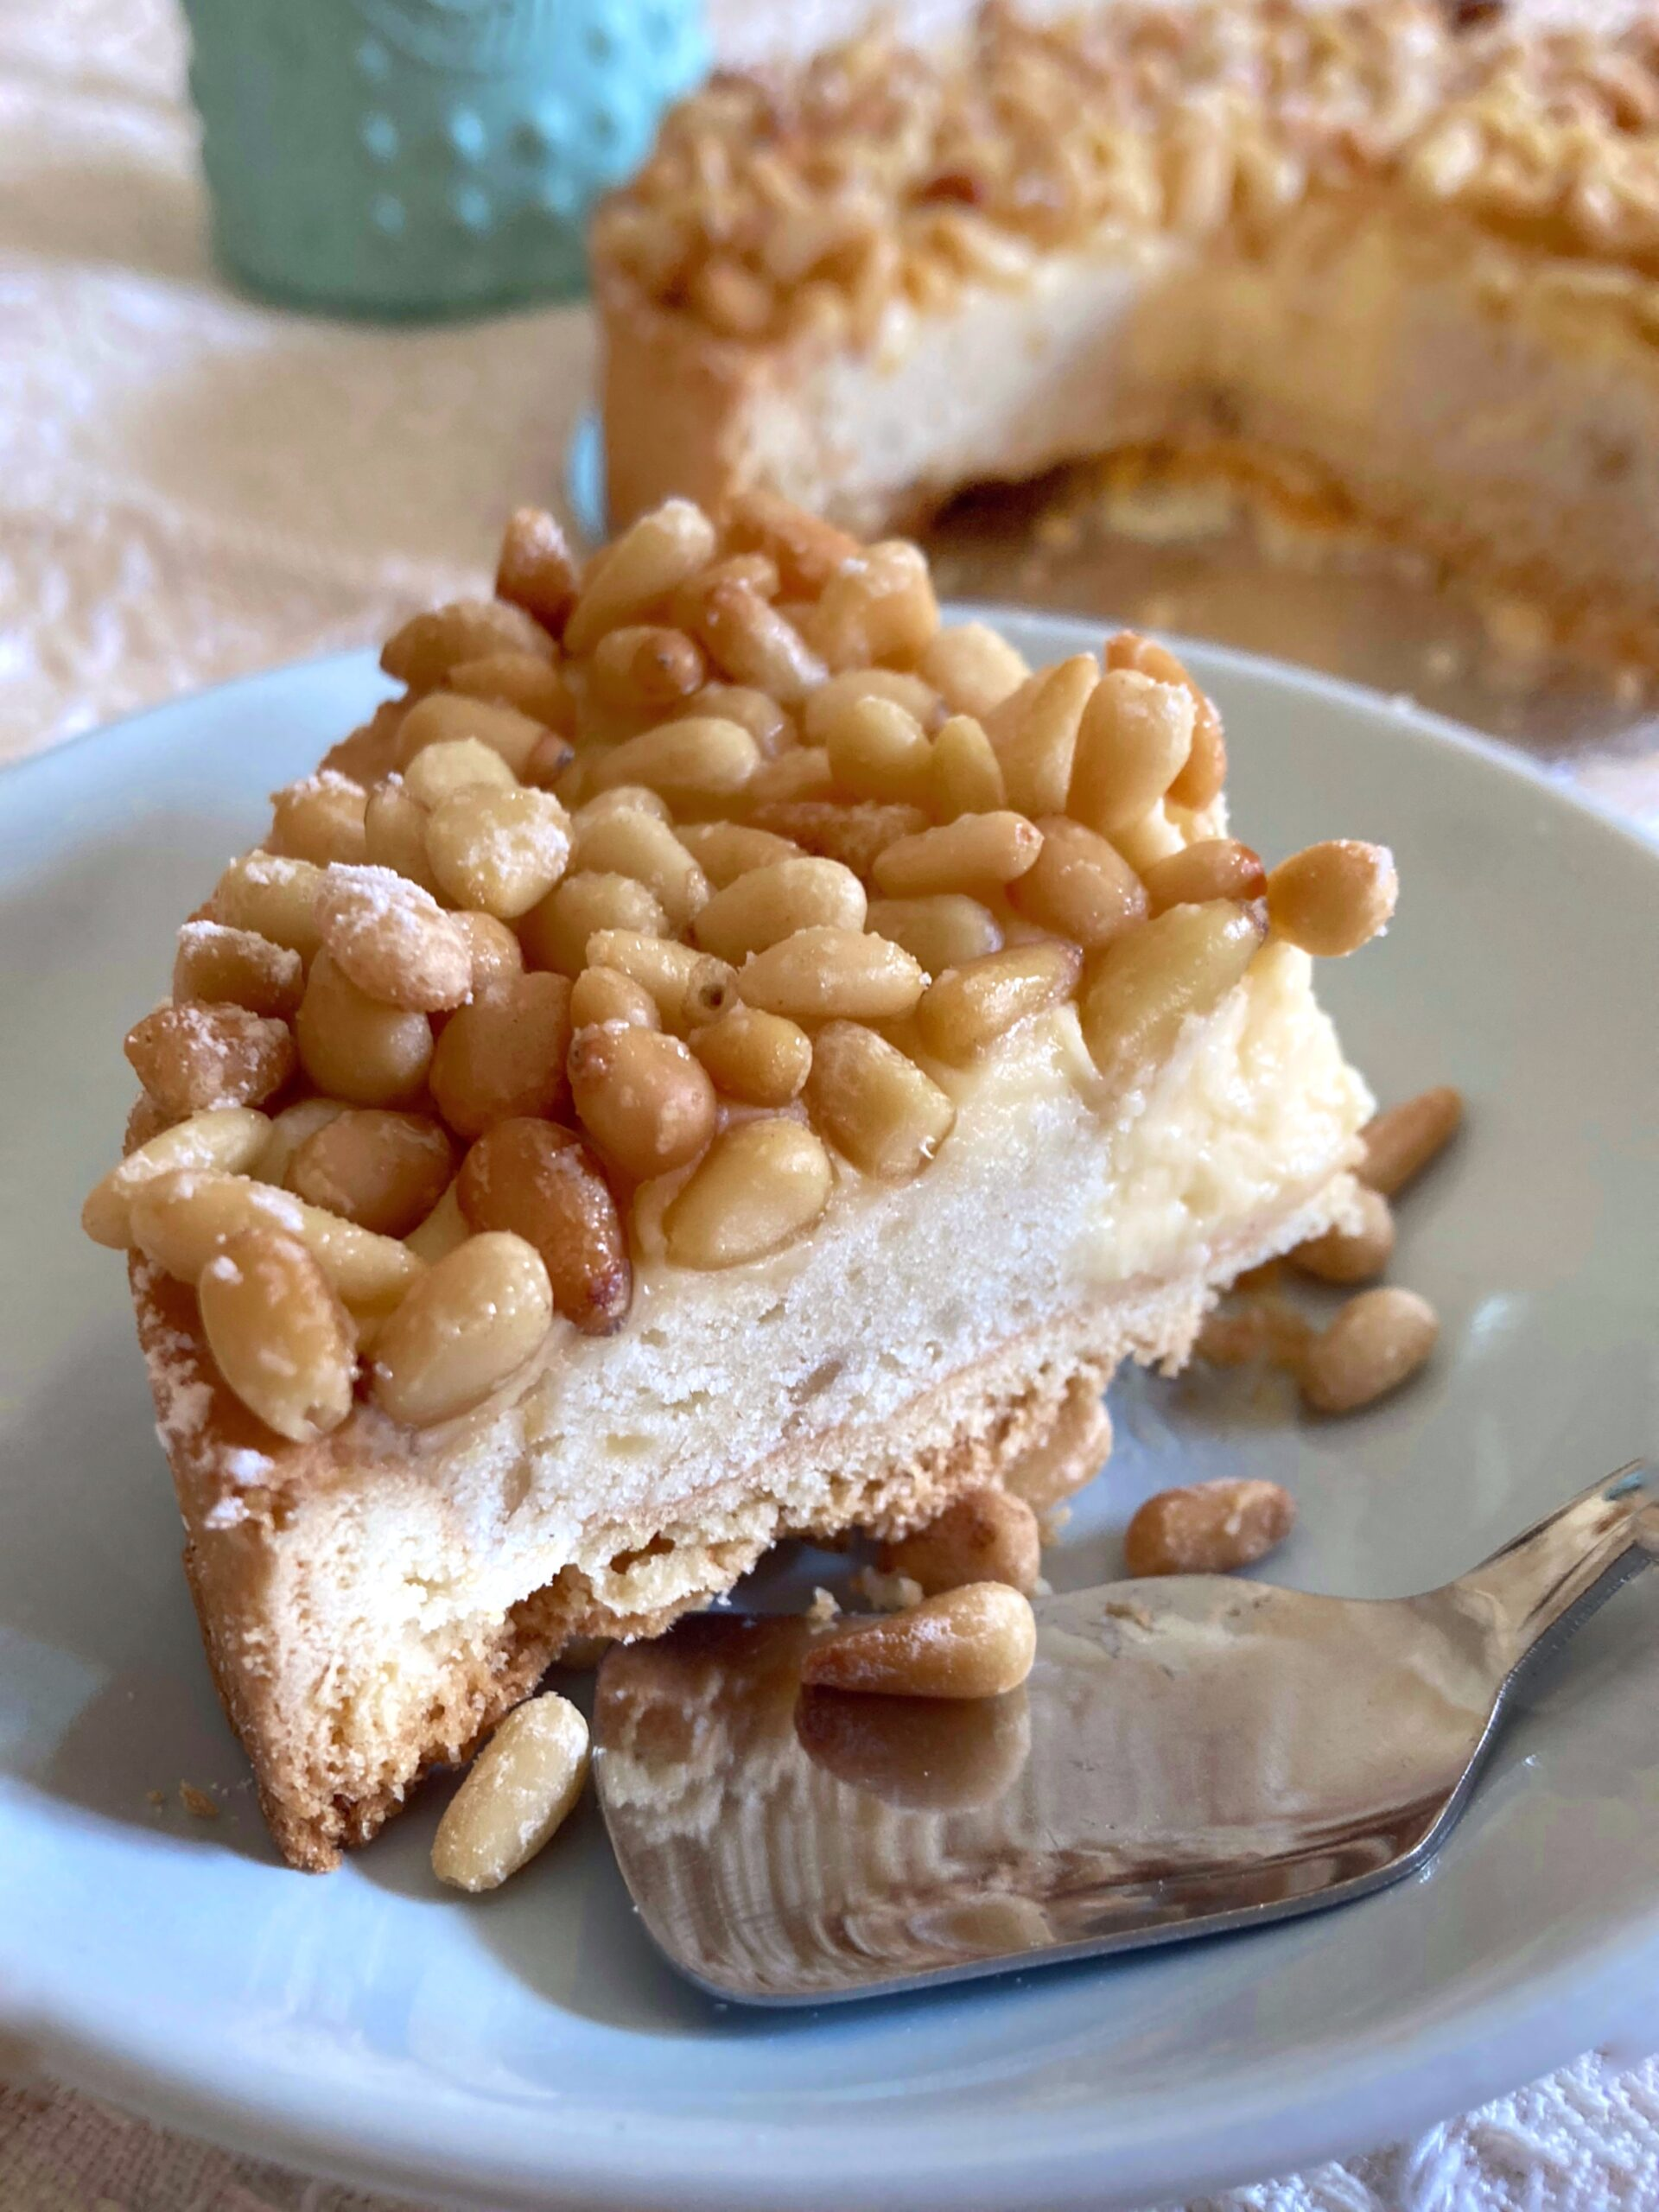 La torta della Nonna: un clásico para la merienda